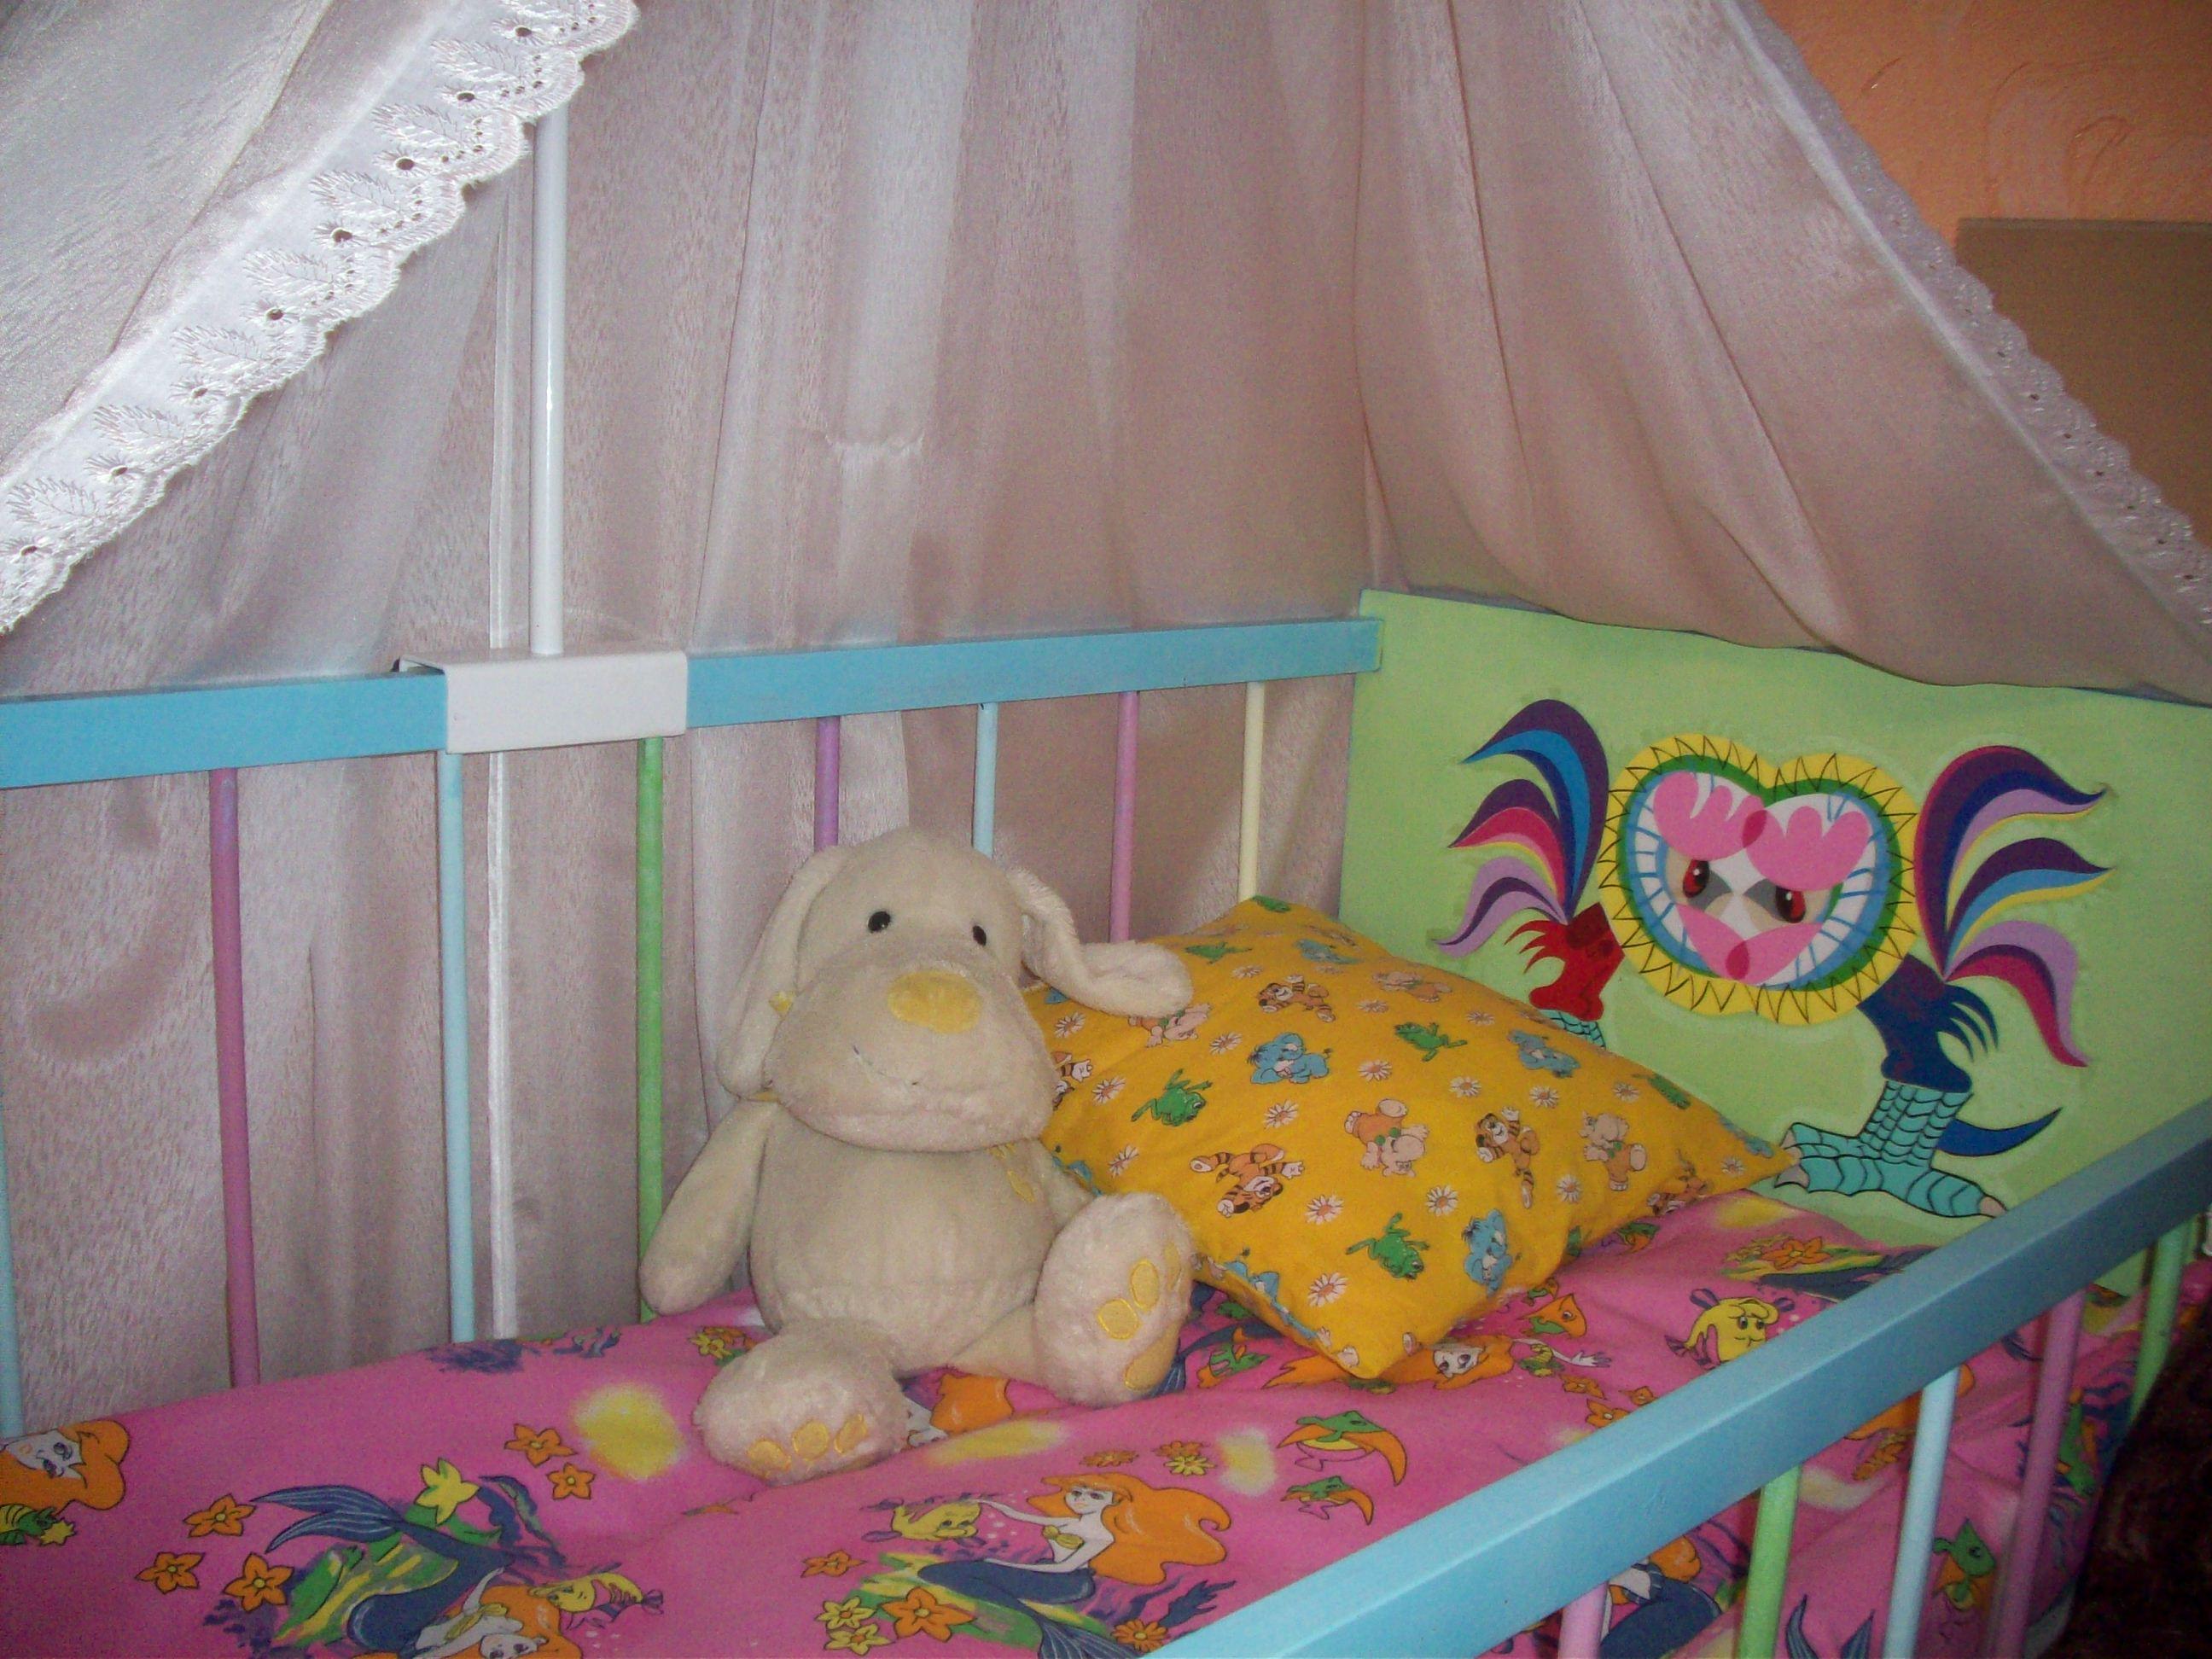 Пододеяльник и наволочка на детскую кроватку | Домашний калейдоскоп